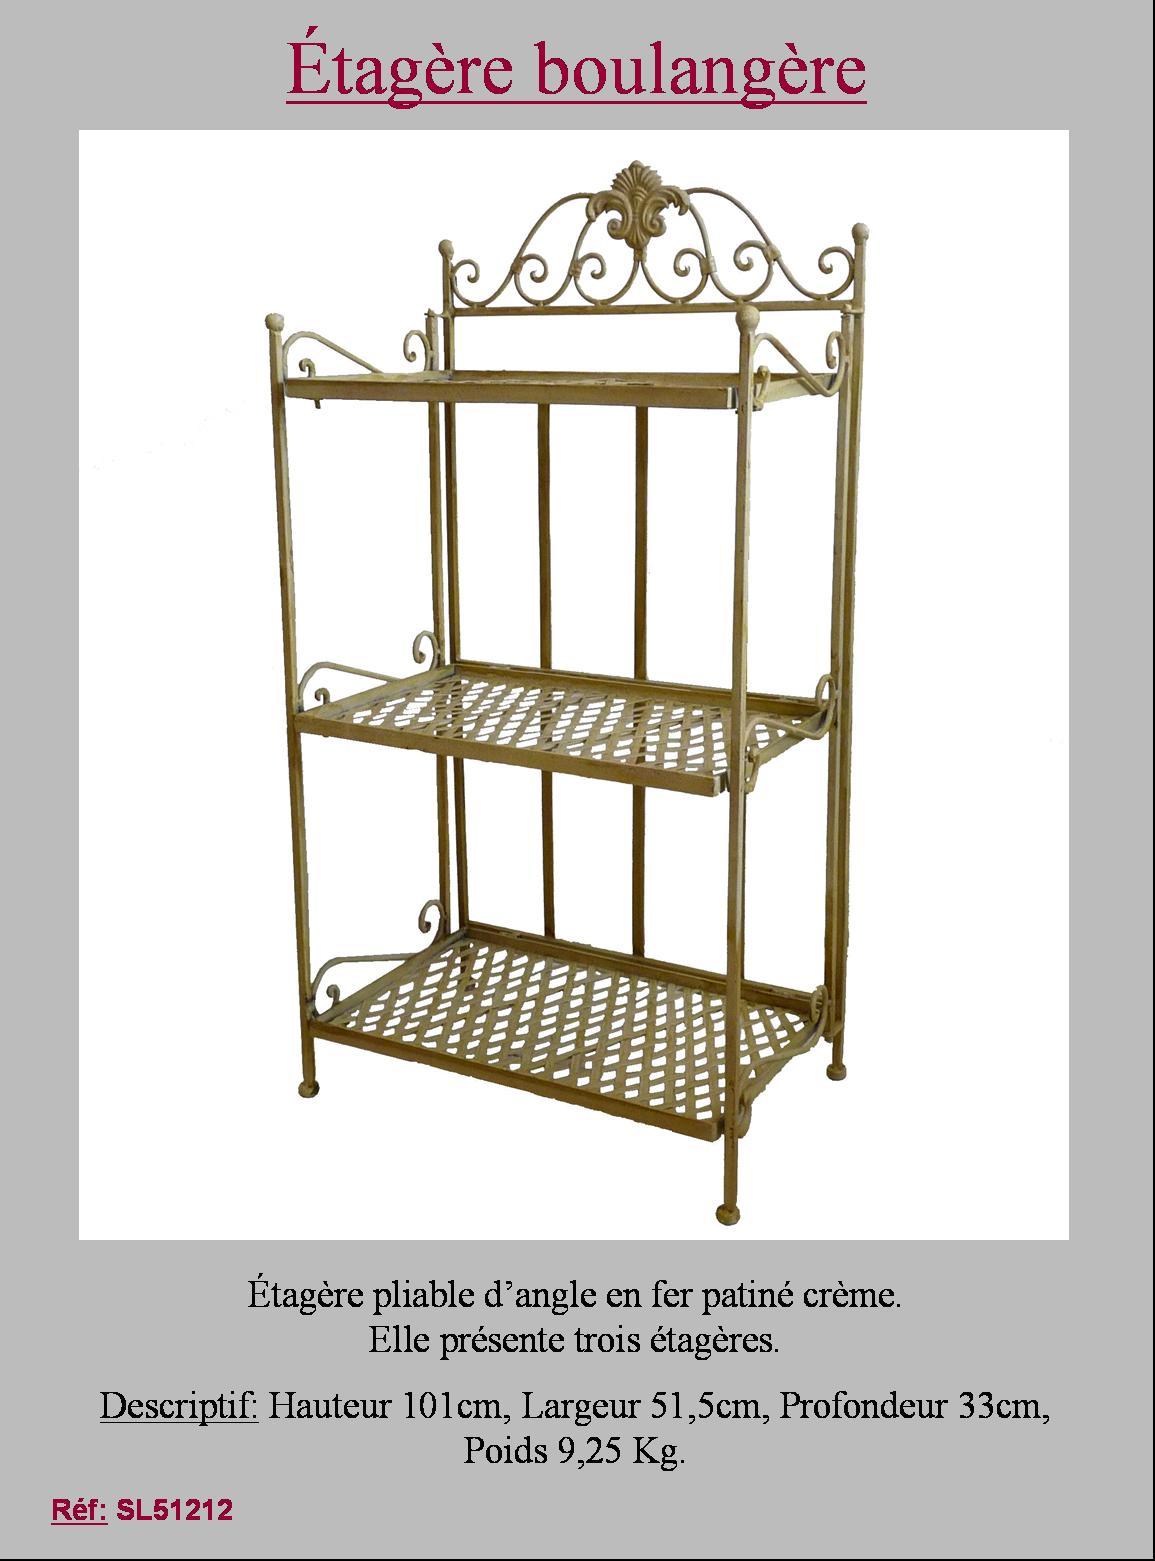 style ancienne tag re boulang re de salon cuisine salle de bain en fer 101cm ebay. Black Bedroom Furniture Sets. Home Design Ideas